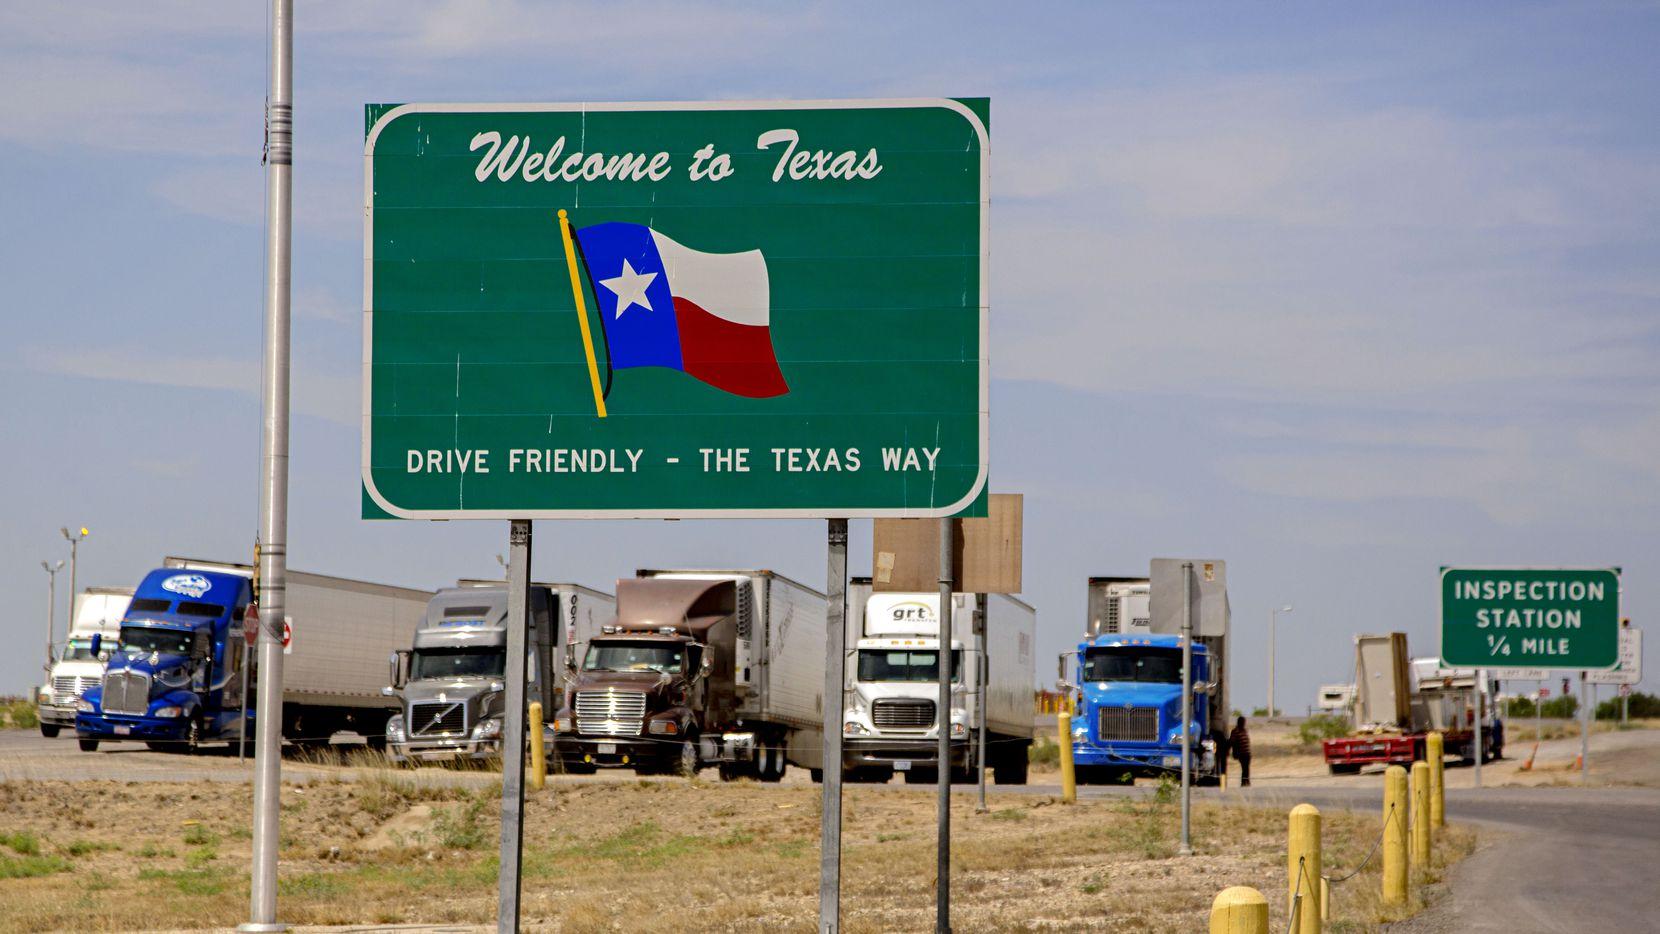 Más de 80,000 personas se mudaron de California a Texas el año pasado.